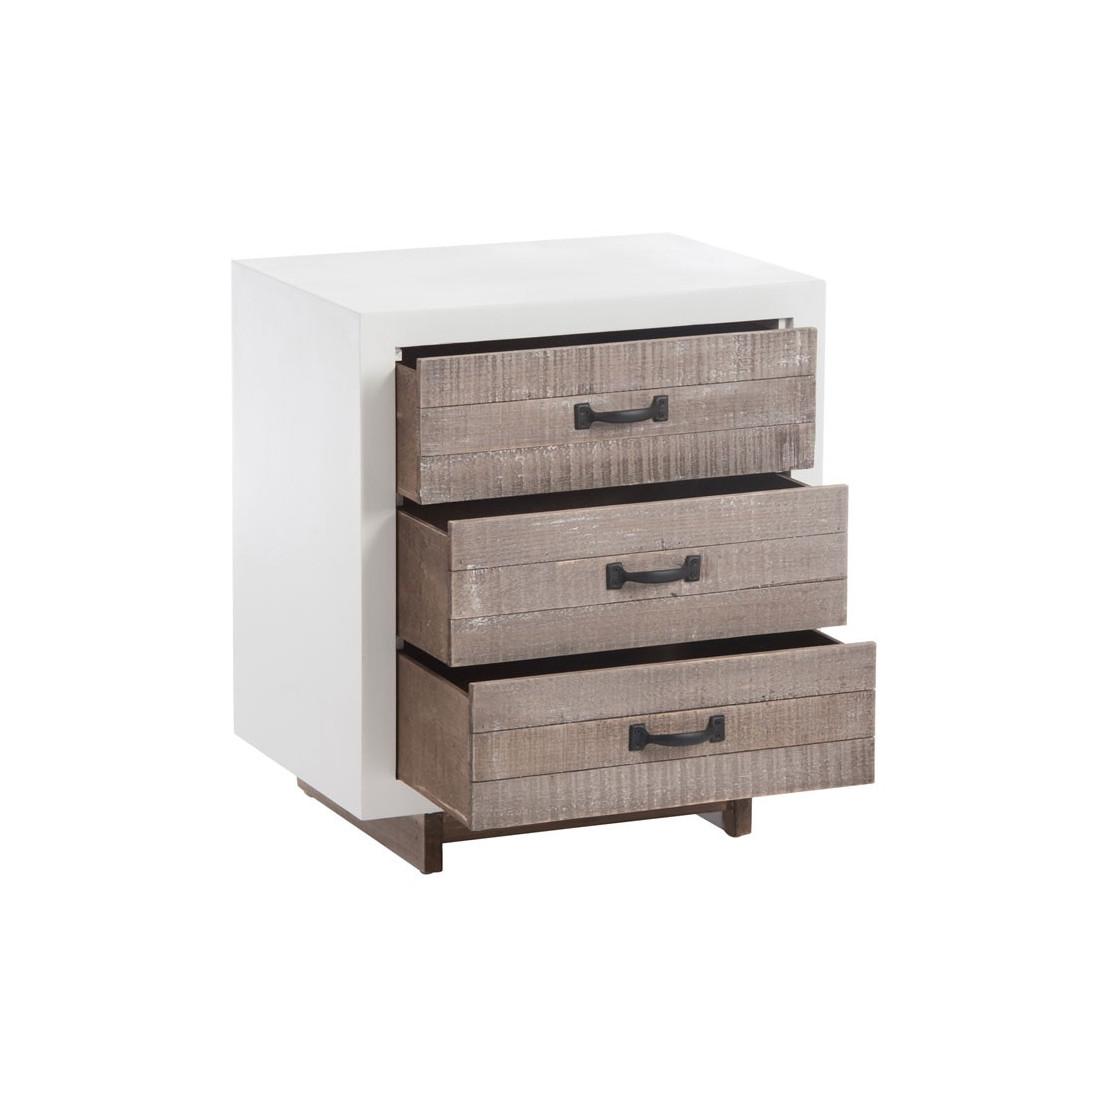 table de chevet 3 tiroirs bois blanc canon univers chambre. Black Bedroom Furniture Sets. Home Design Ideas